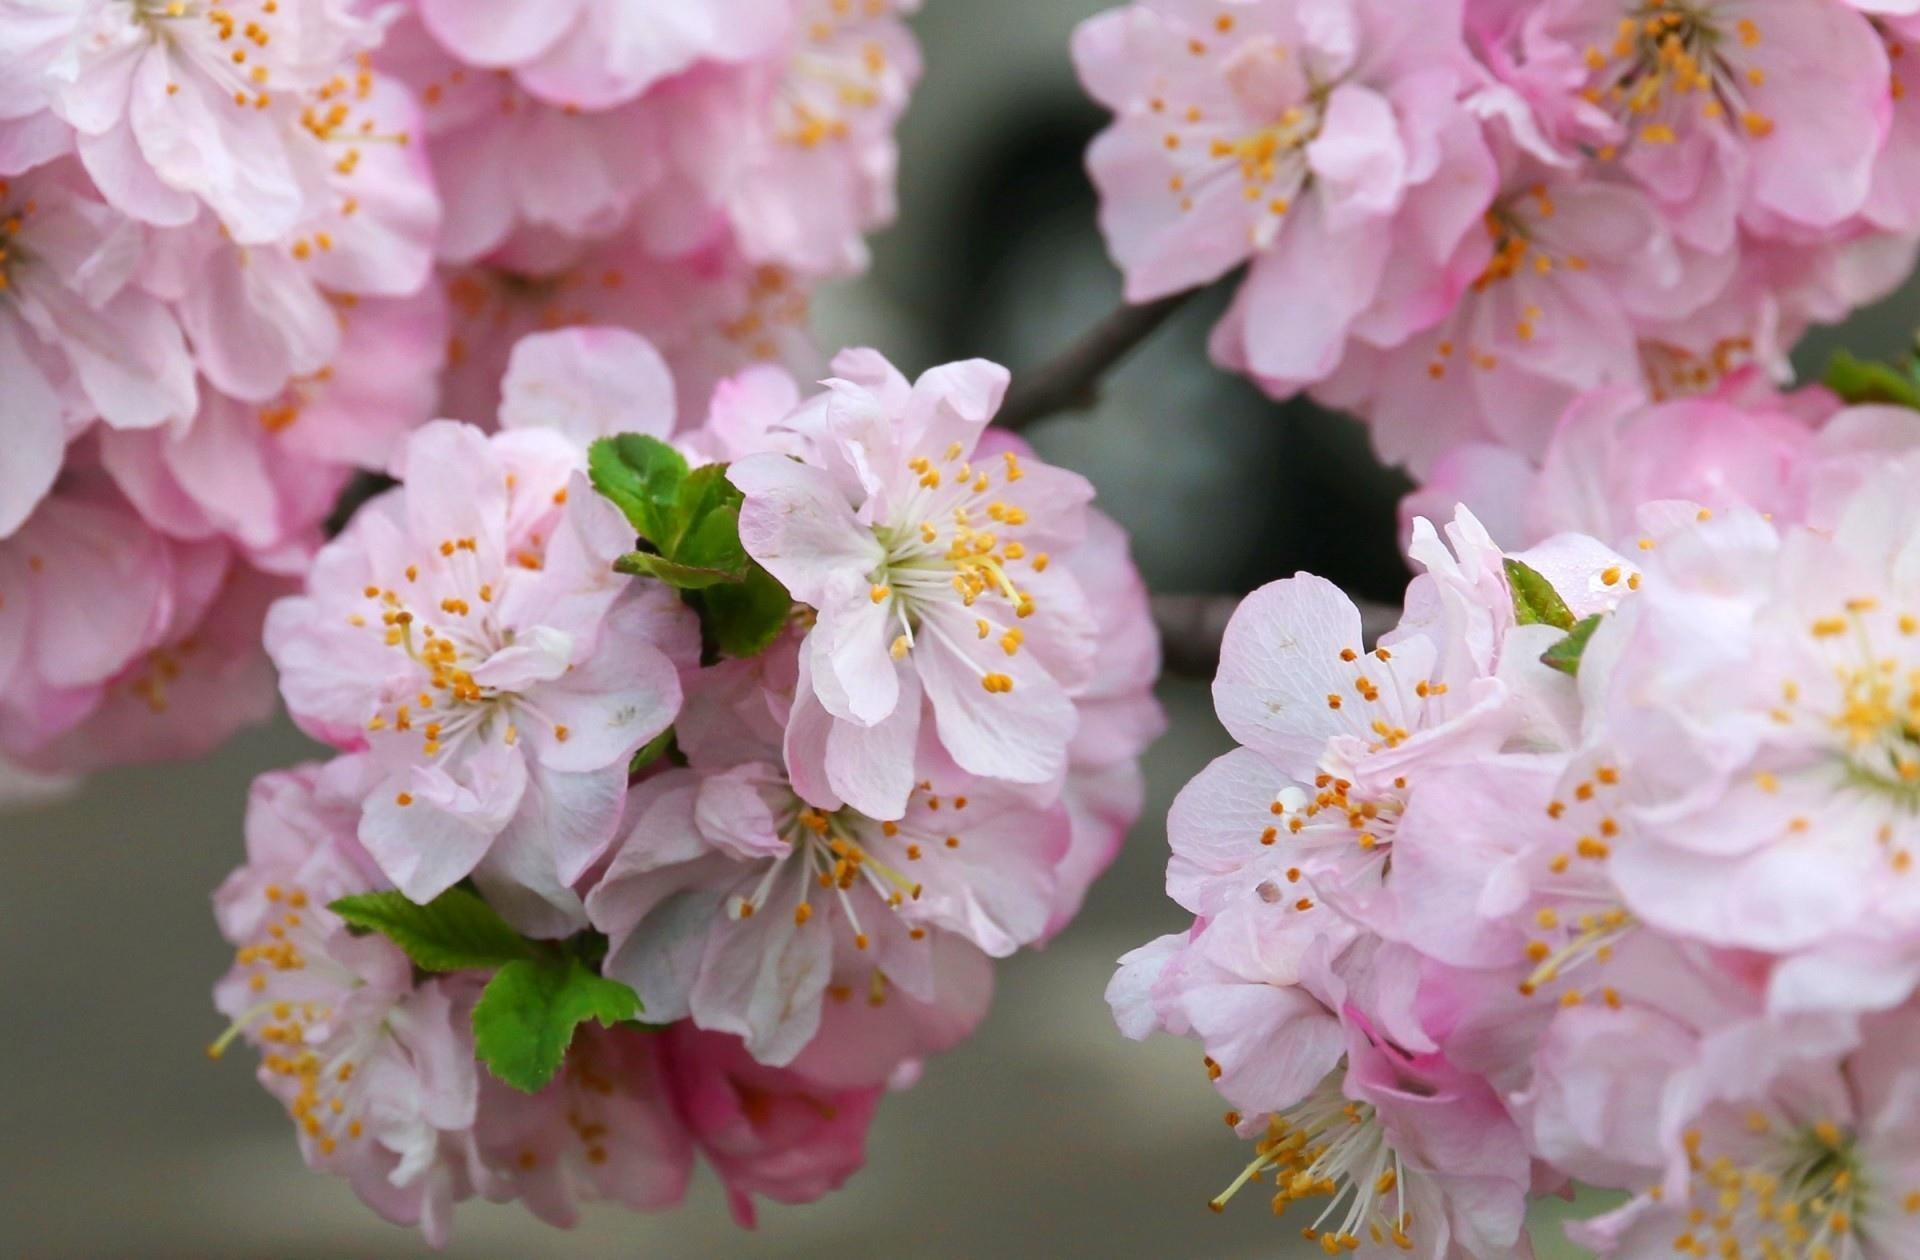 Цветение сакуры фото высокого разрешения - King Sport 5